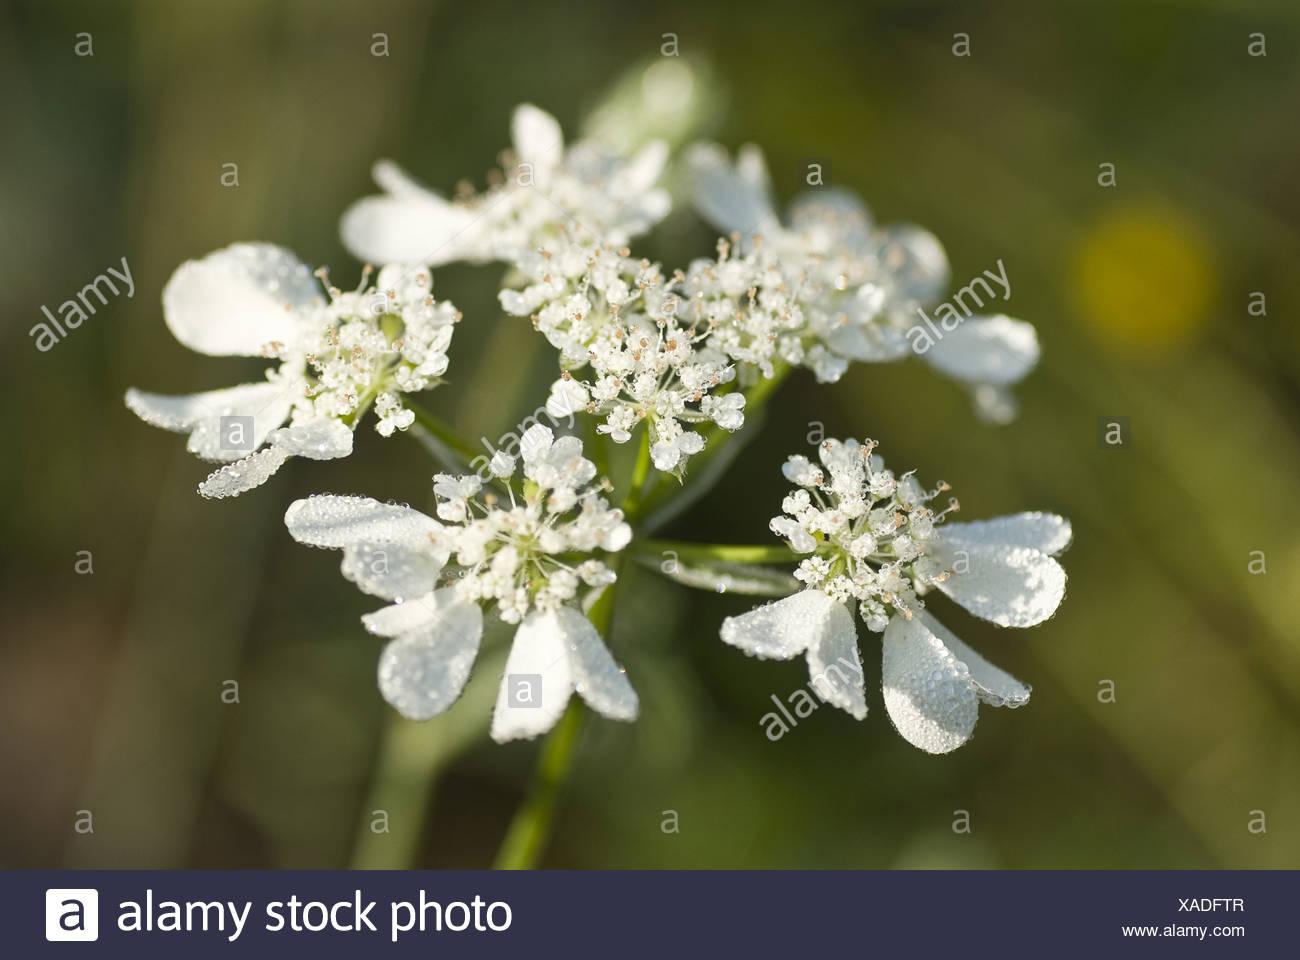 orlaya grandiflora Stock Photo